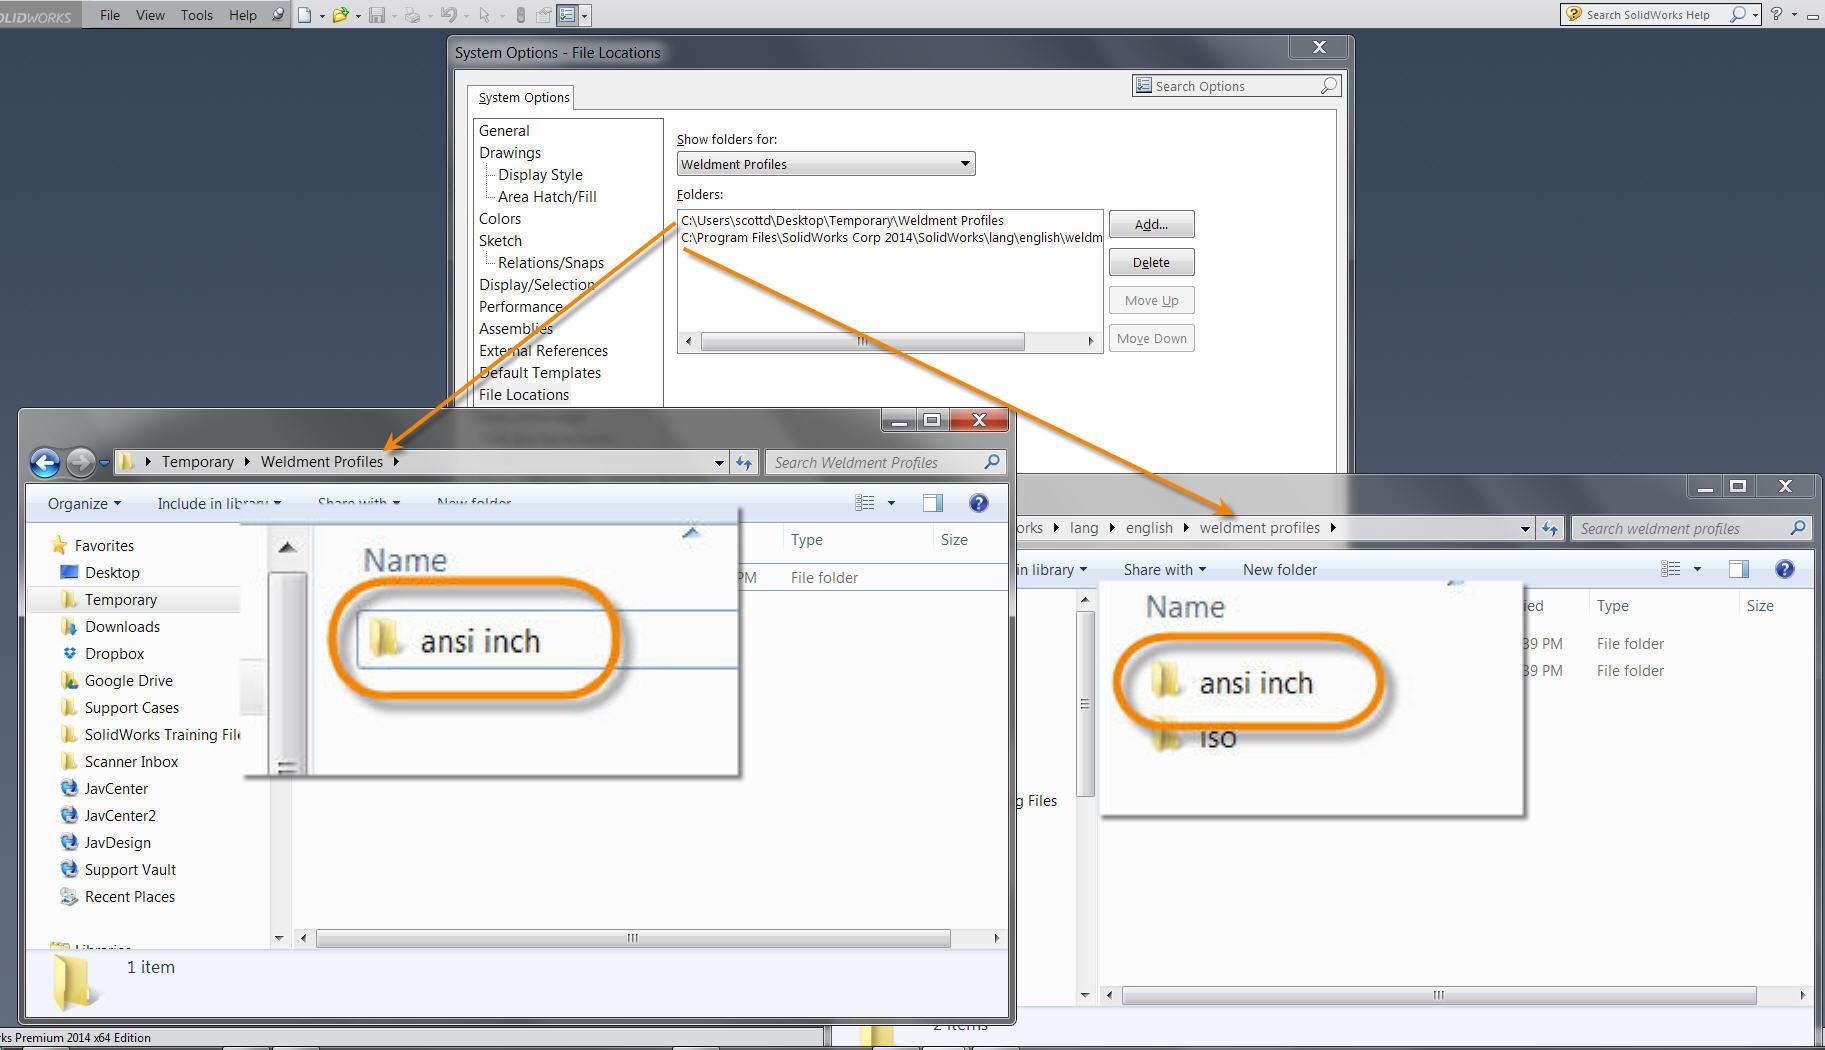 Duplicate Weldment Profile Type Folders